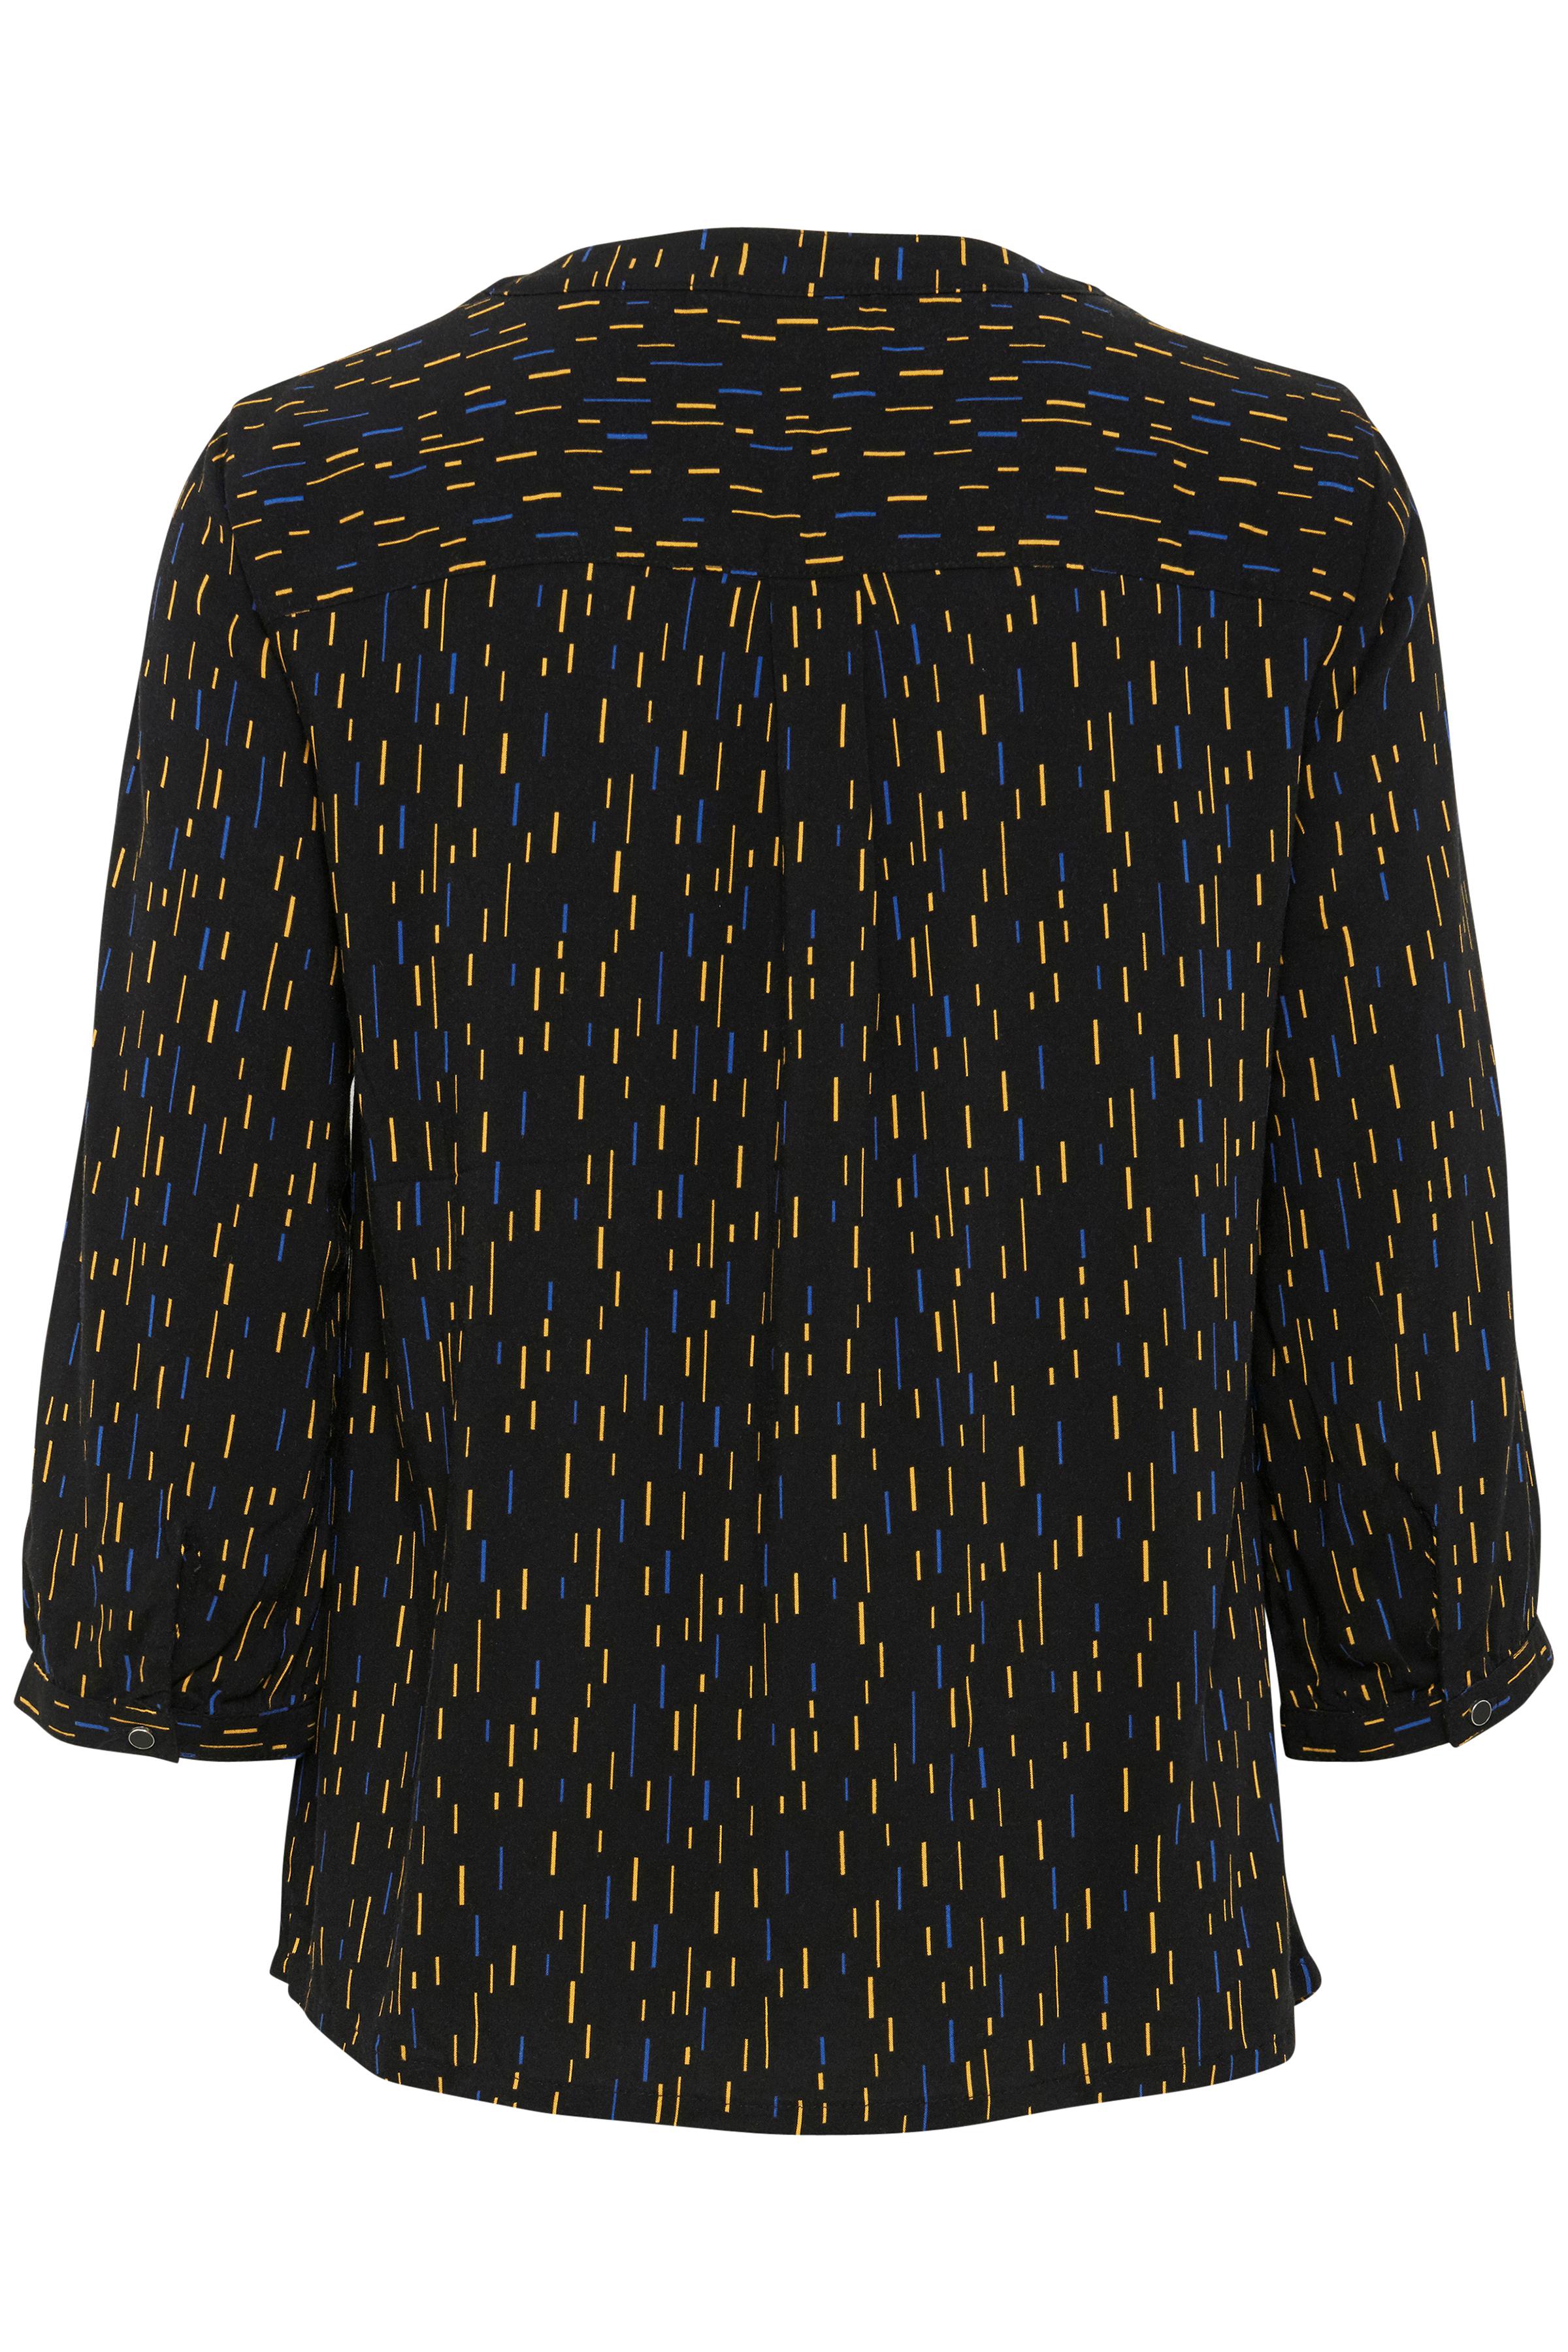 Sort/gul Kortærmet bluse fra Fransa – Køb Sort/gul Kortærmet bluse fra str. XS-XXL her